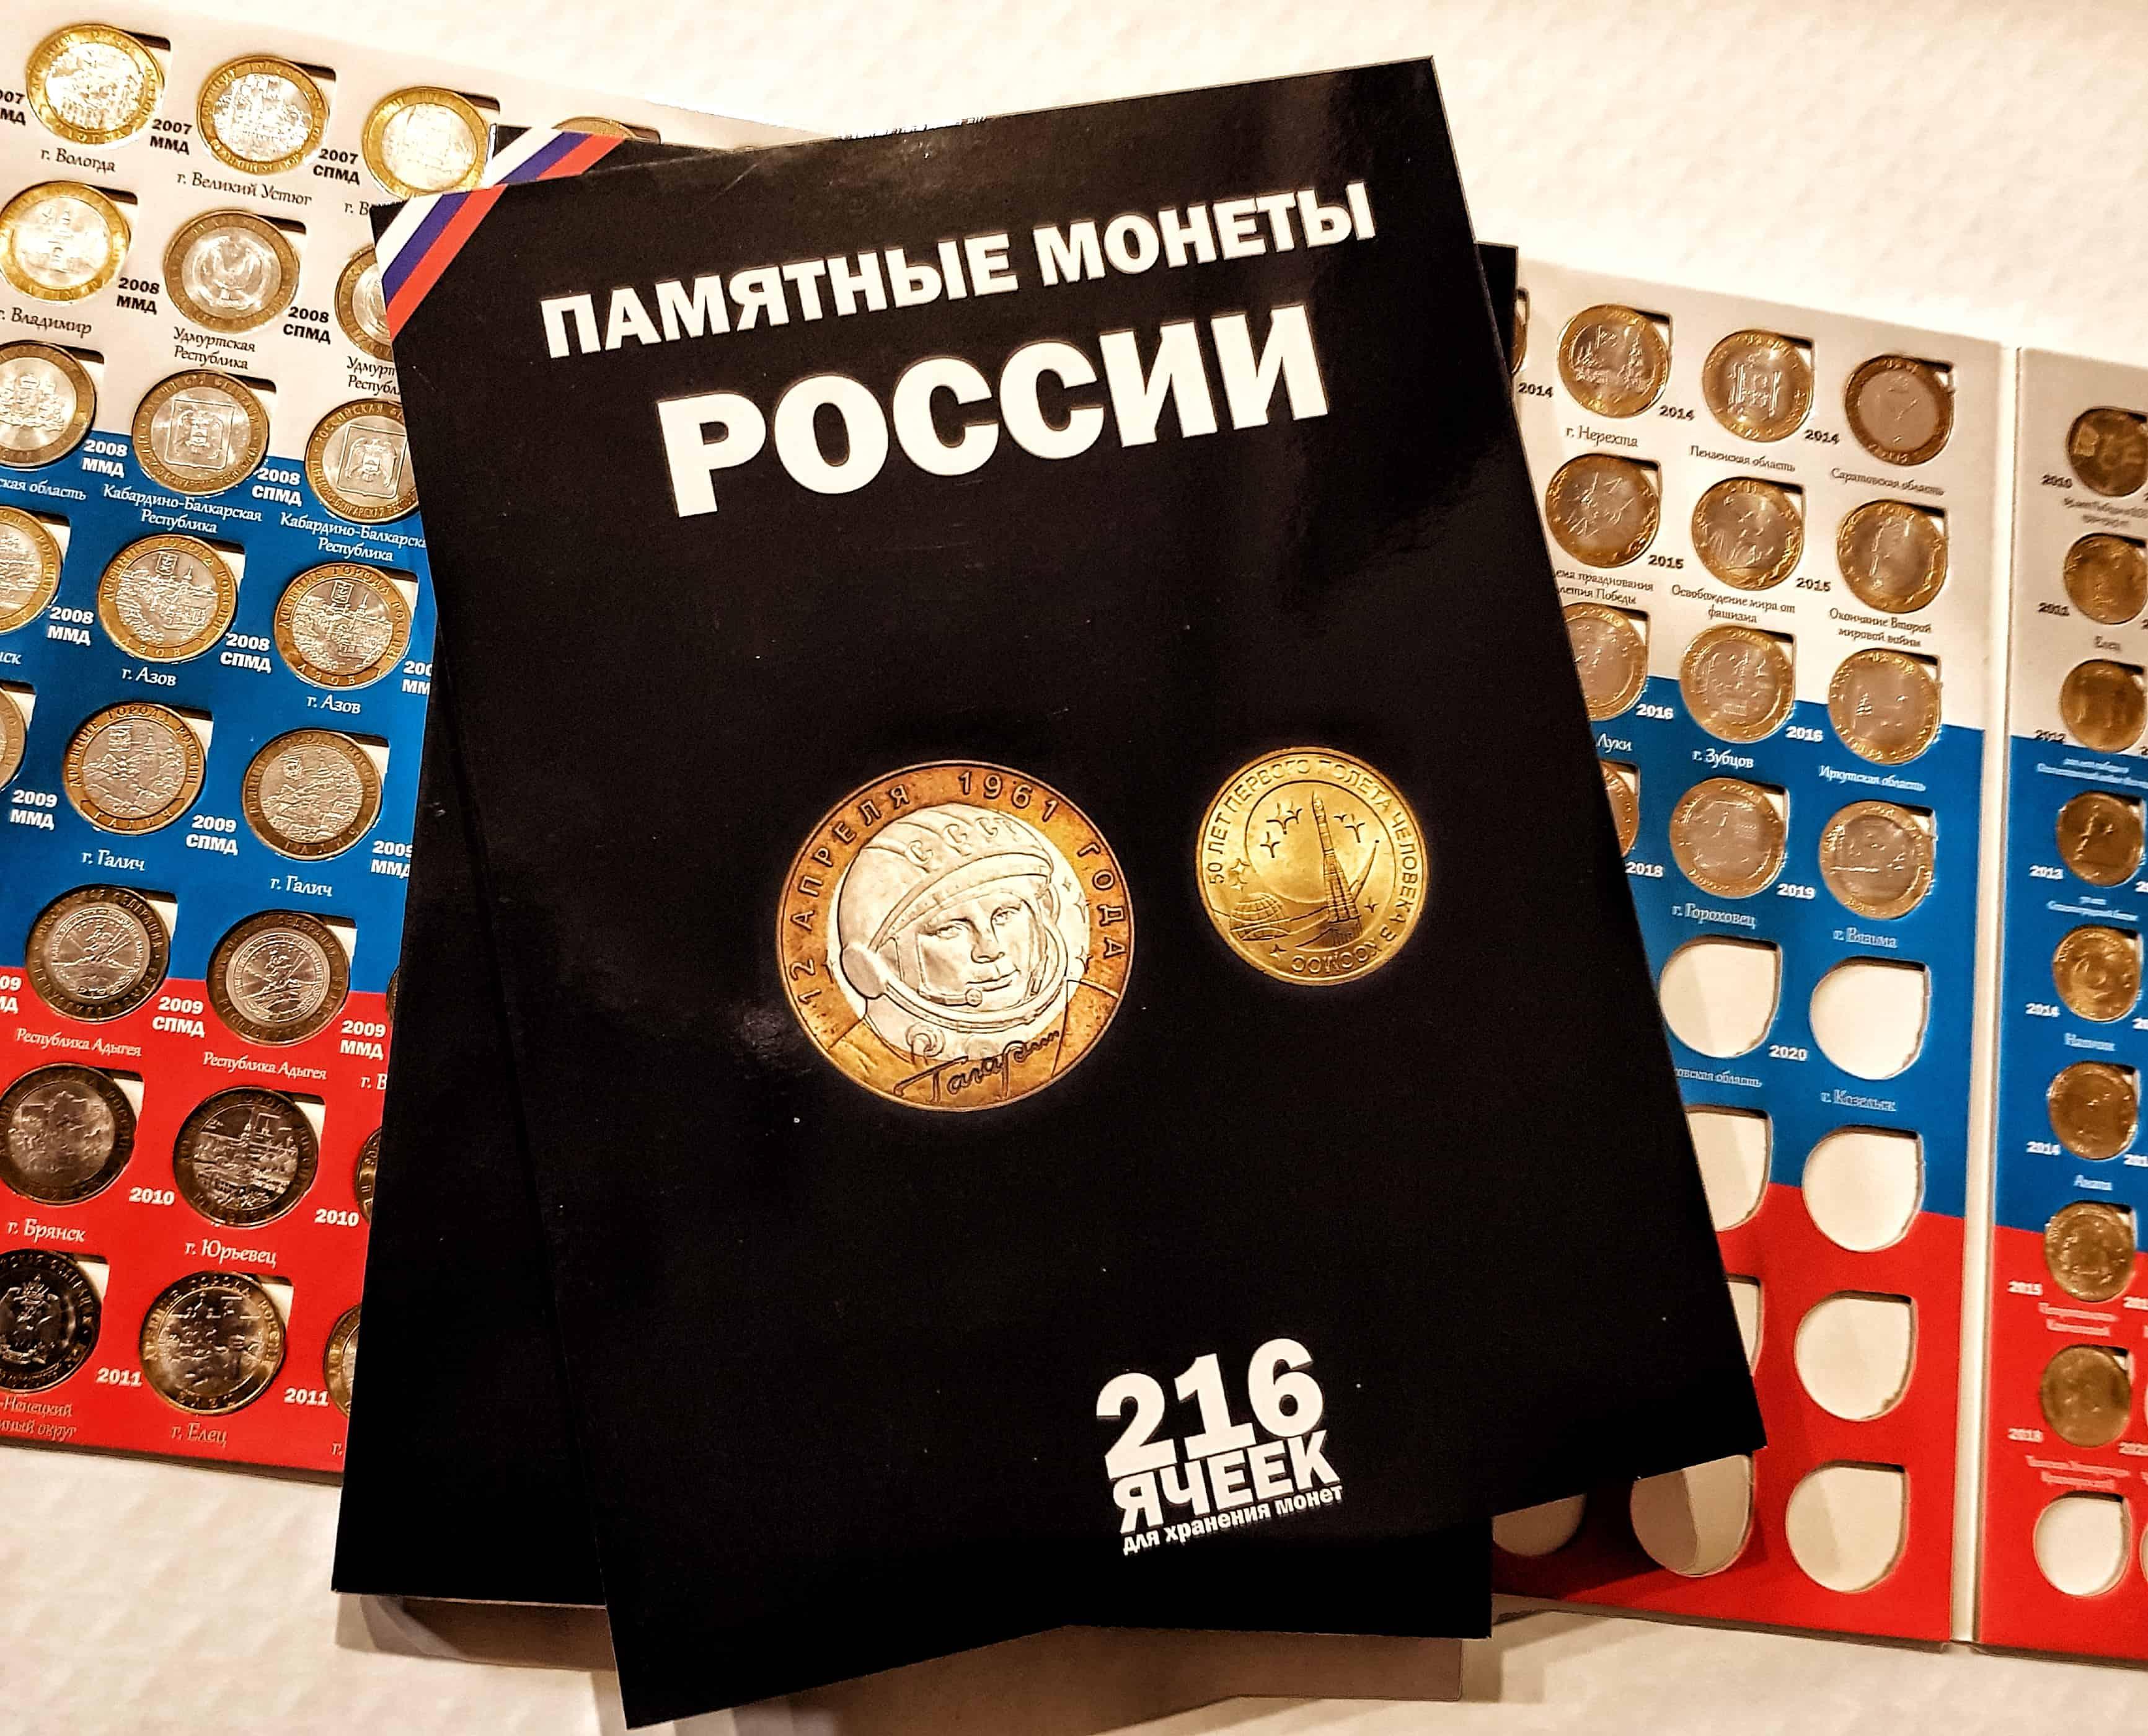 Сколько весит полная коллекция самых собираемых монет России?